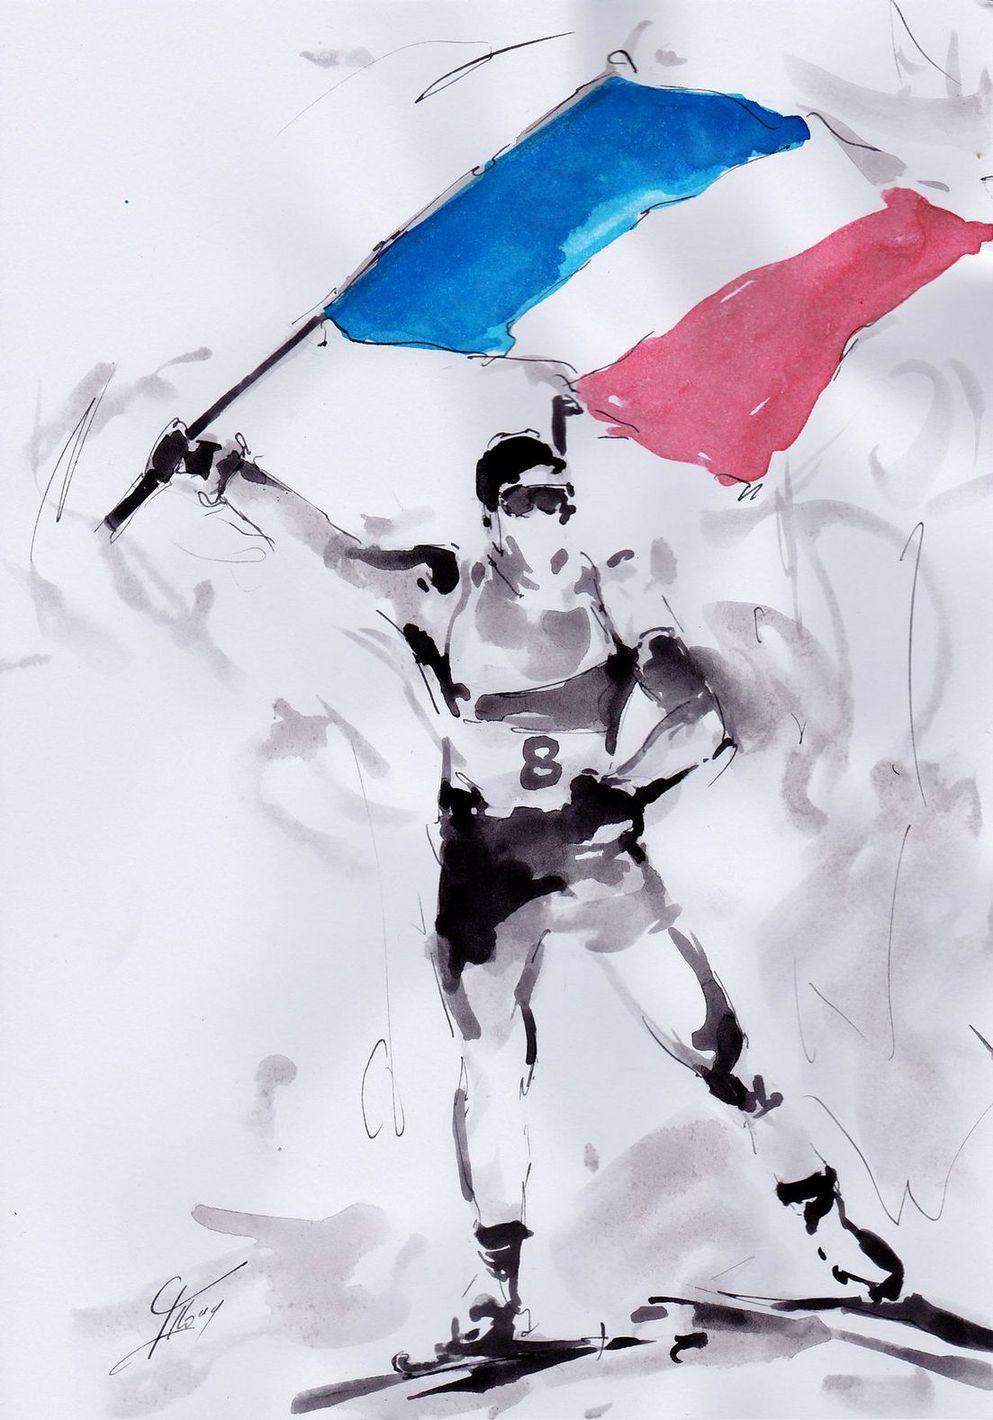 art peinture sport de glisse biathlon Jeux olympiques d'hiver Médaille d'or Pyeongchang JO 2018 :La victoire de Martin Fourcade en biathlon (Poursuite)